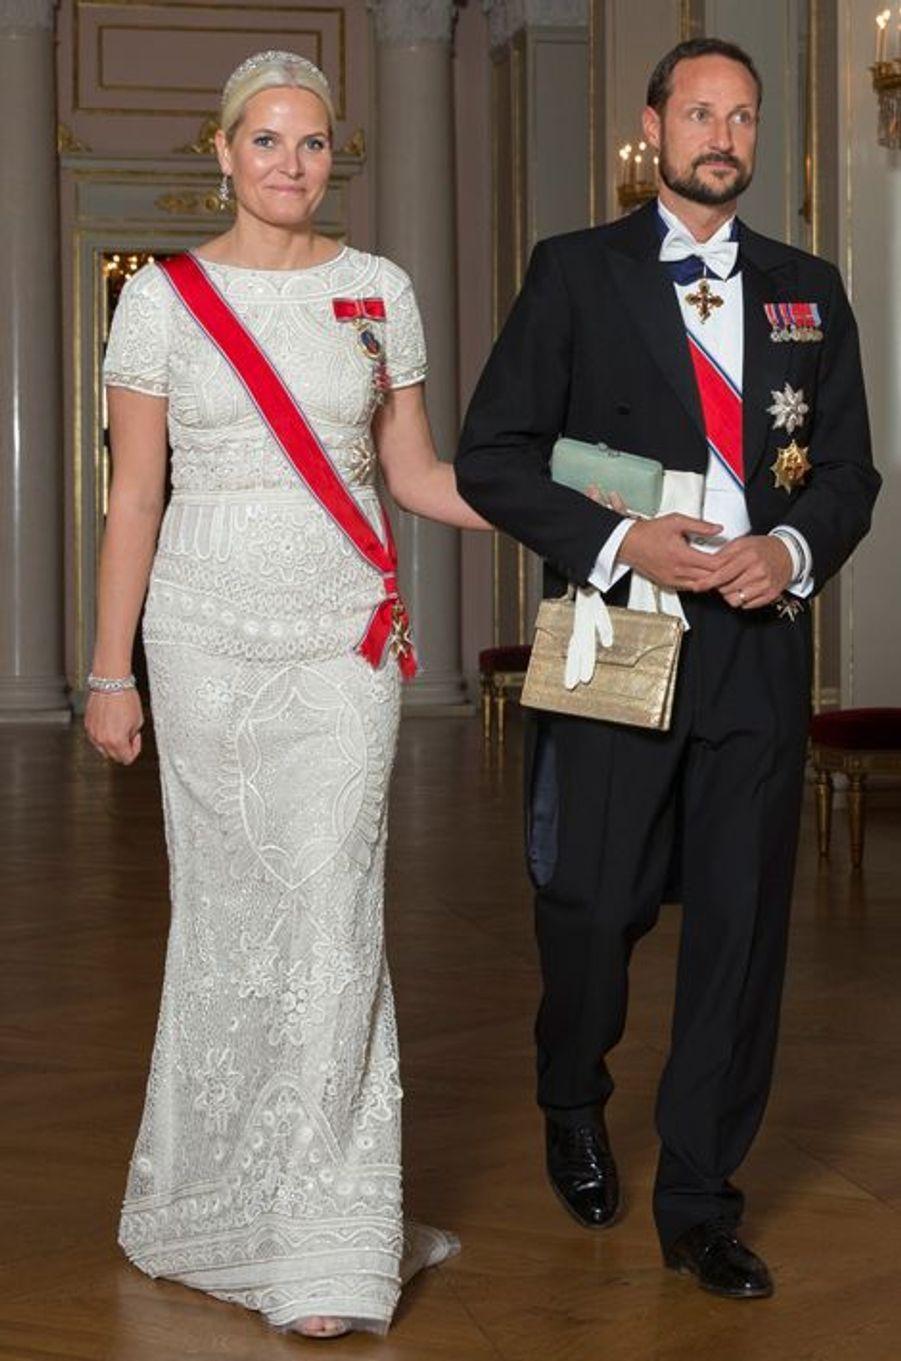 La princesse Mette-Marit et le prince Haakon de Norvège au Palais royal à Oslo, le 22 octobre 2015